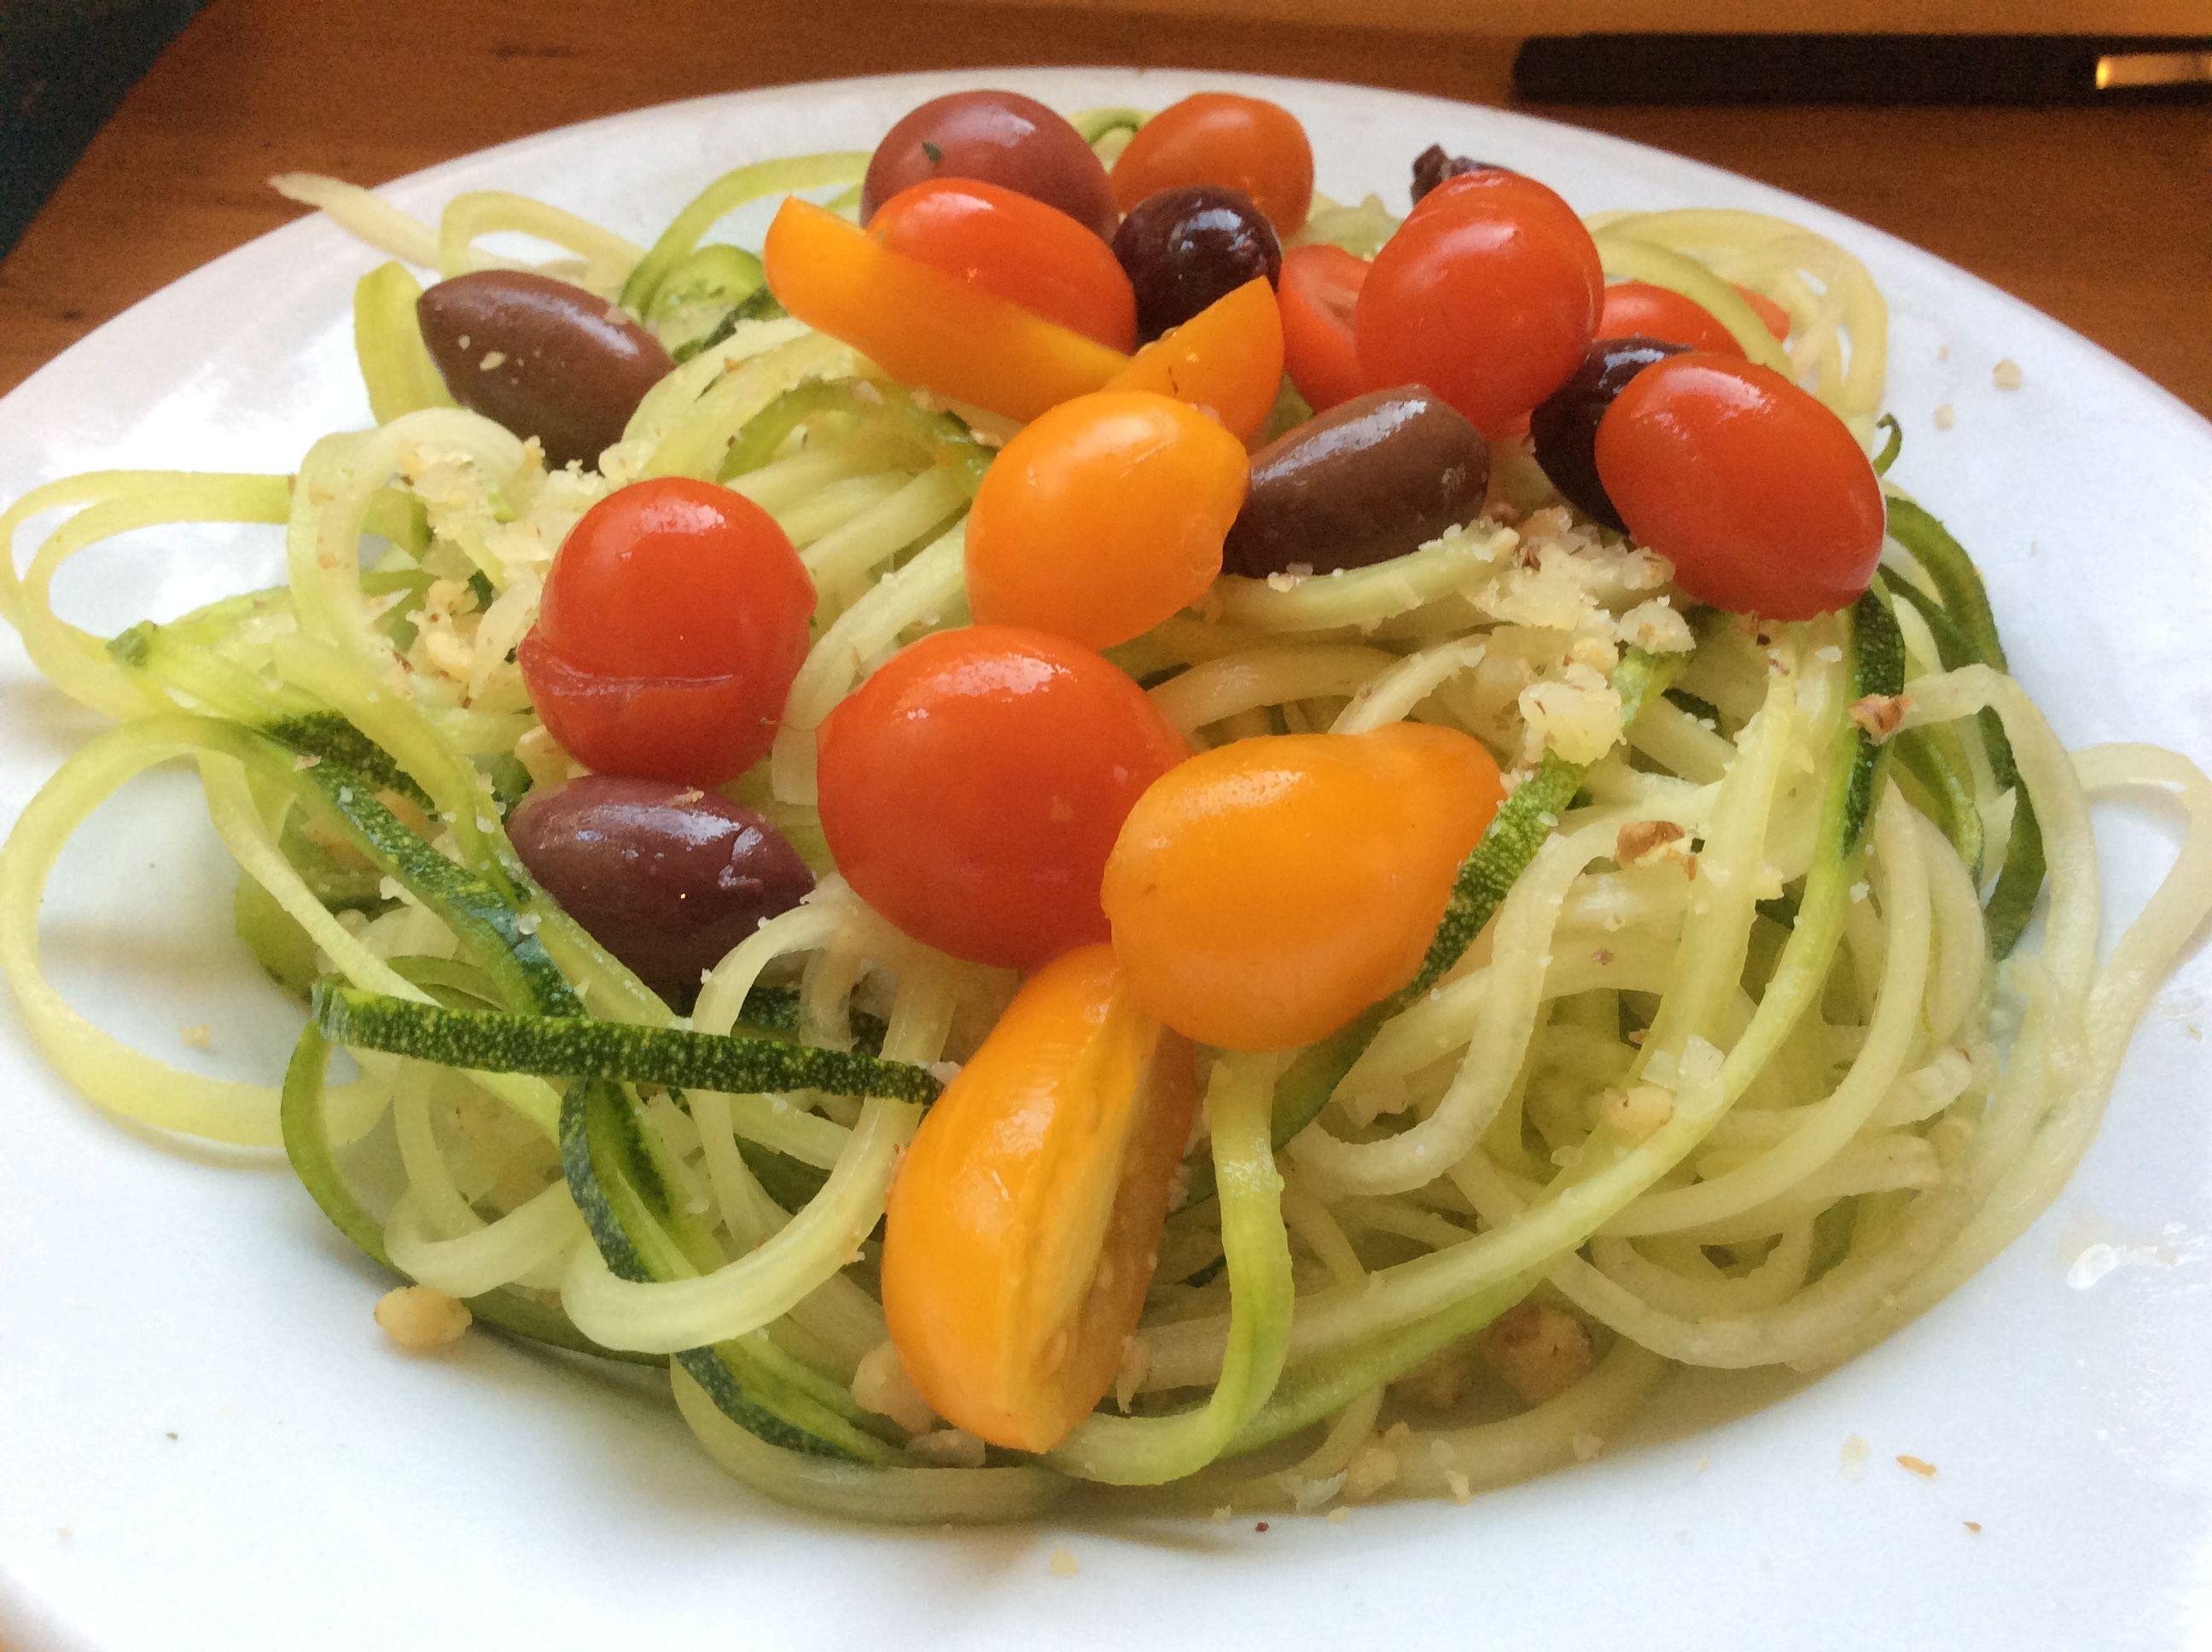 Quick Zucchini Noodles with Pesto AllrecipesPhoto